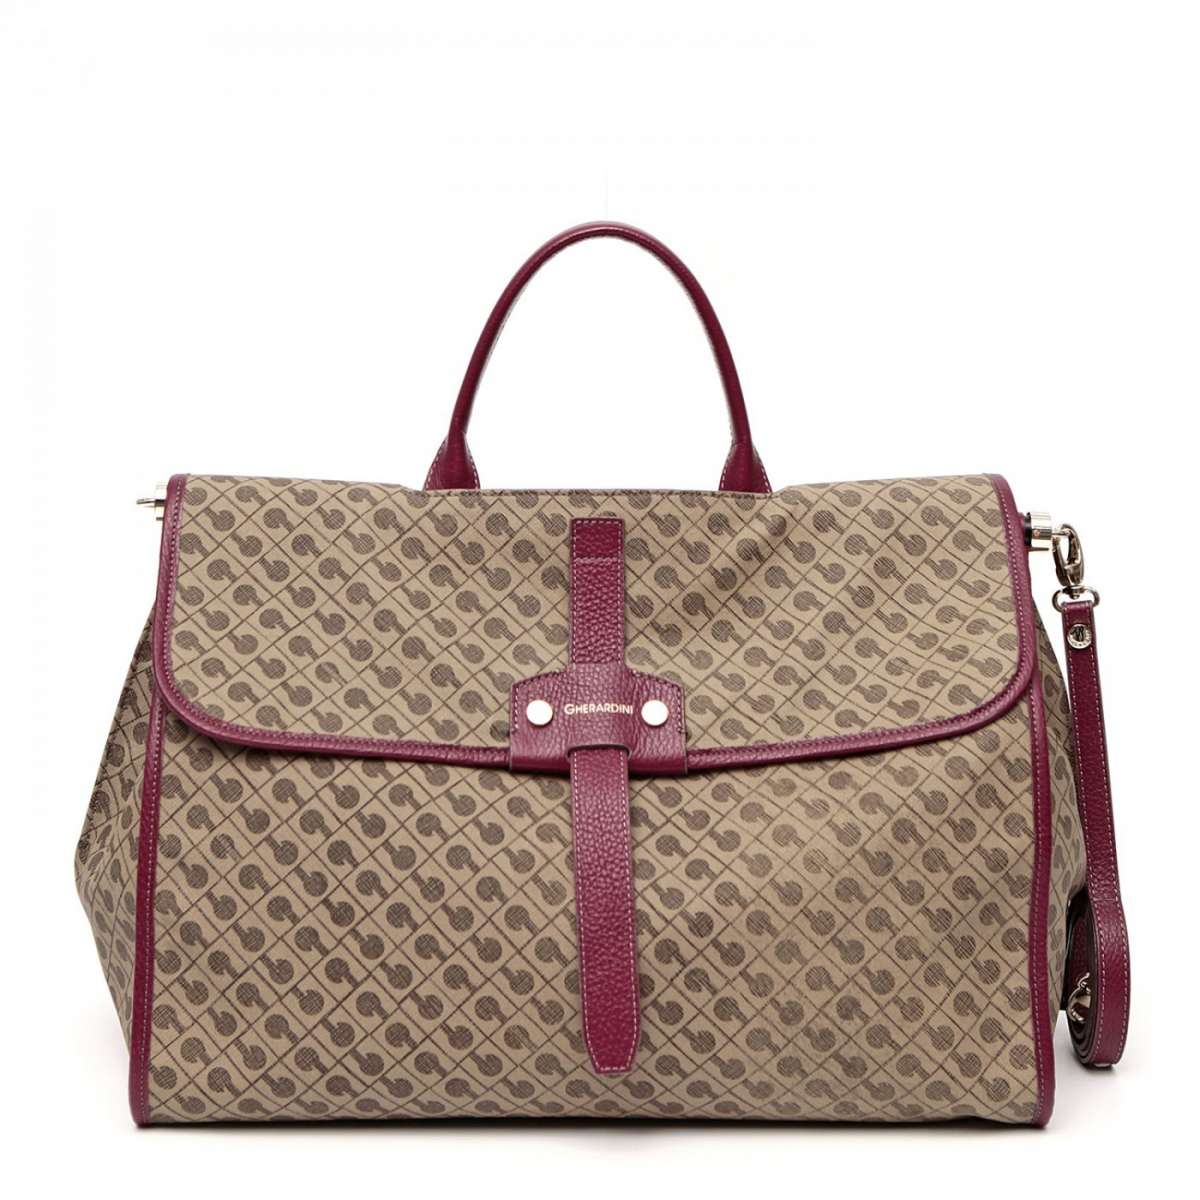 Handbag con profili malva Gherardini